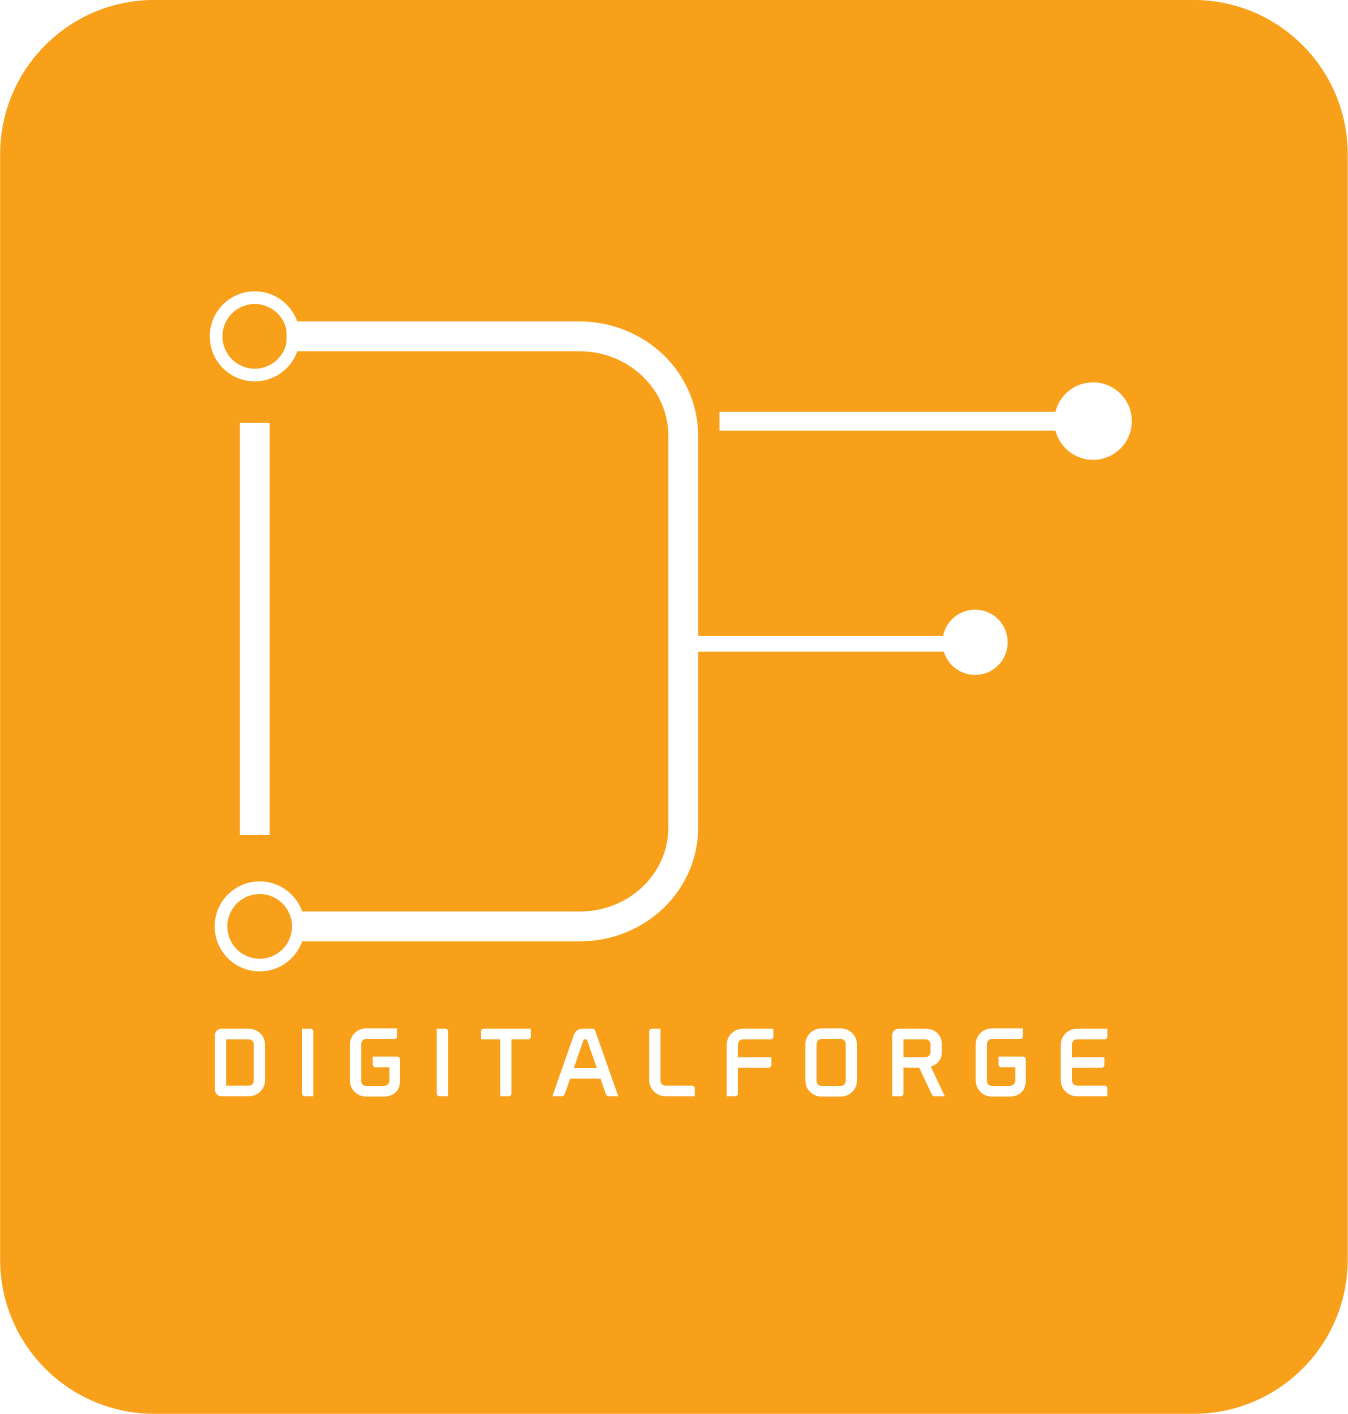 Digital Forge Logo